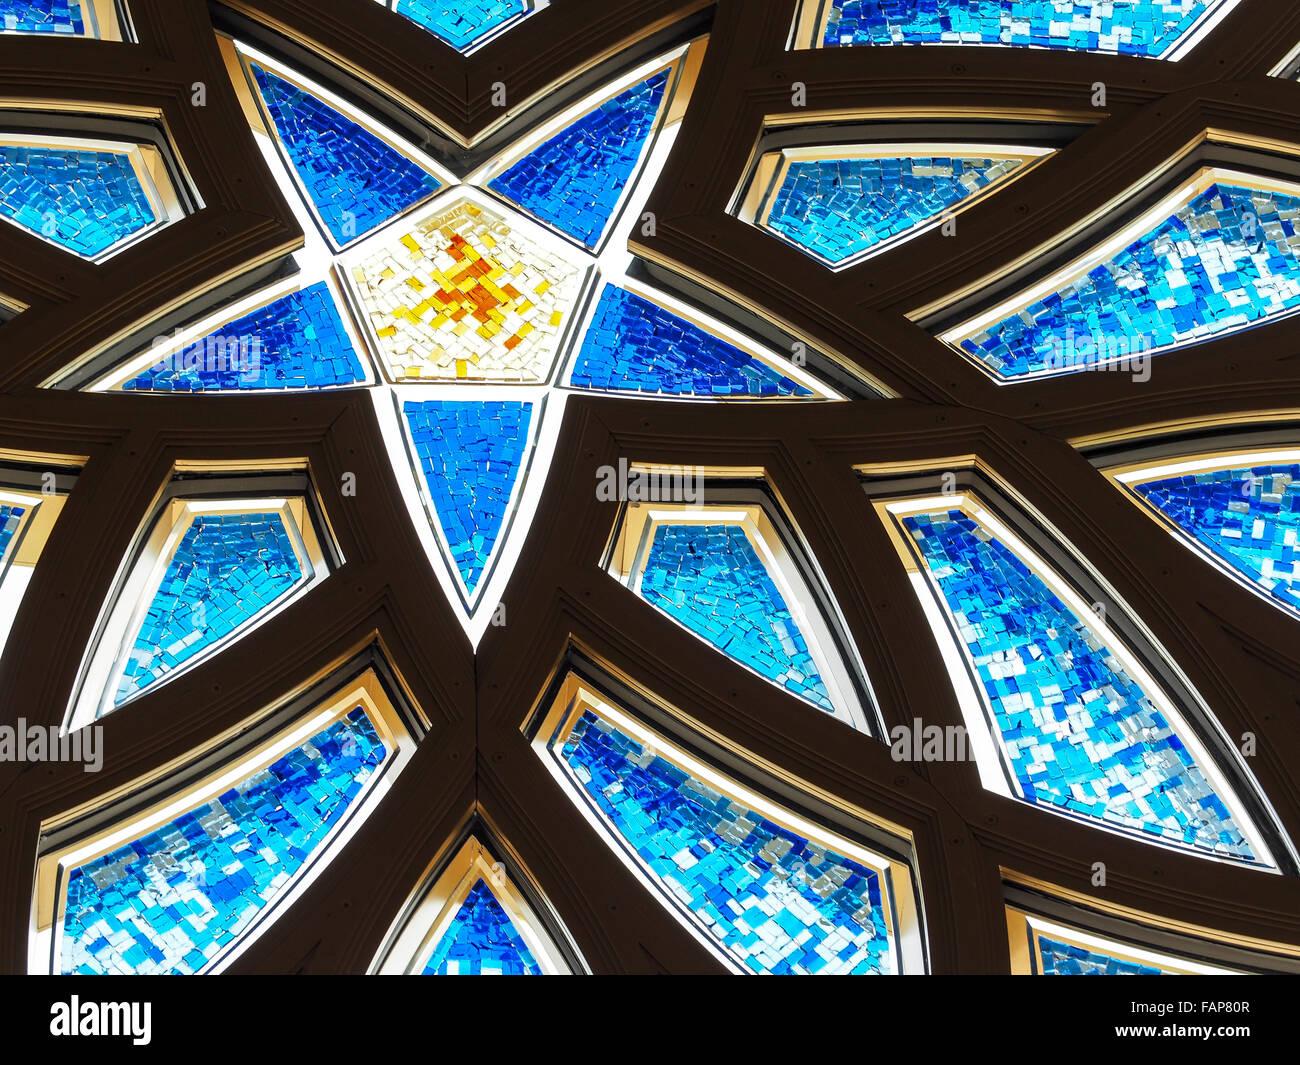 Sheikh-Zayed-Moschee, Abu Dhabi, Vereinigte Arabische Emirate Stockbild